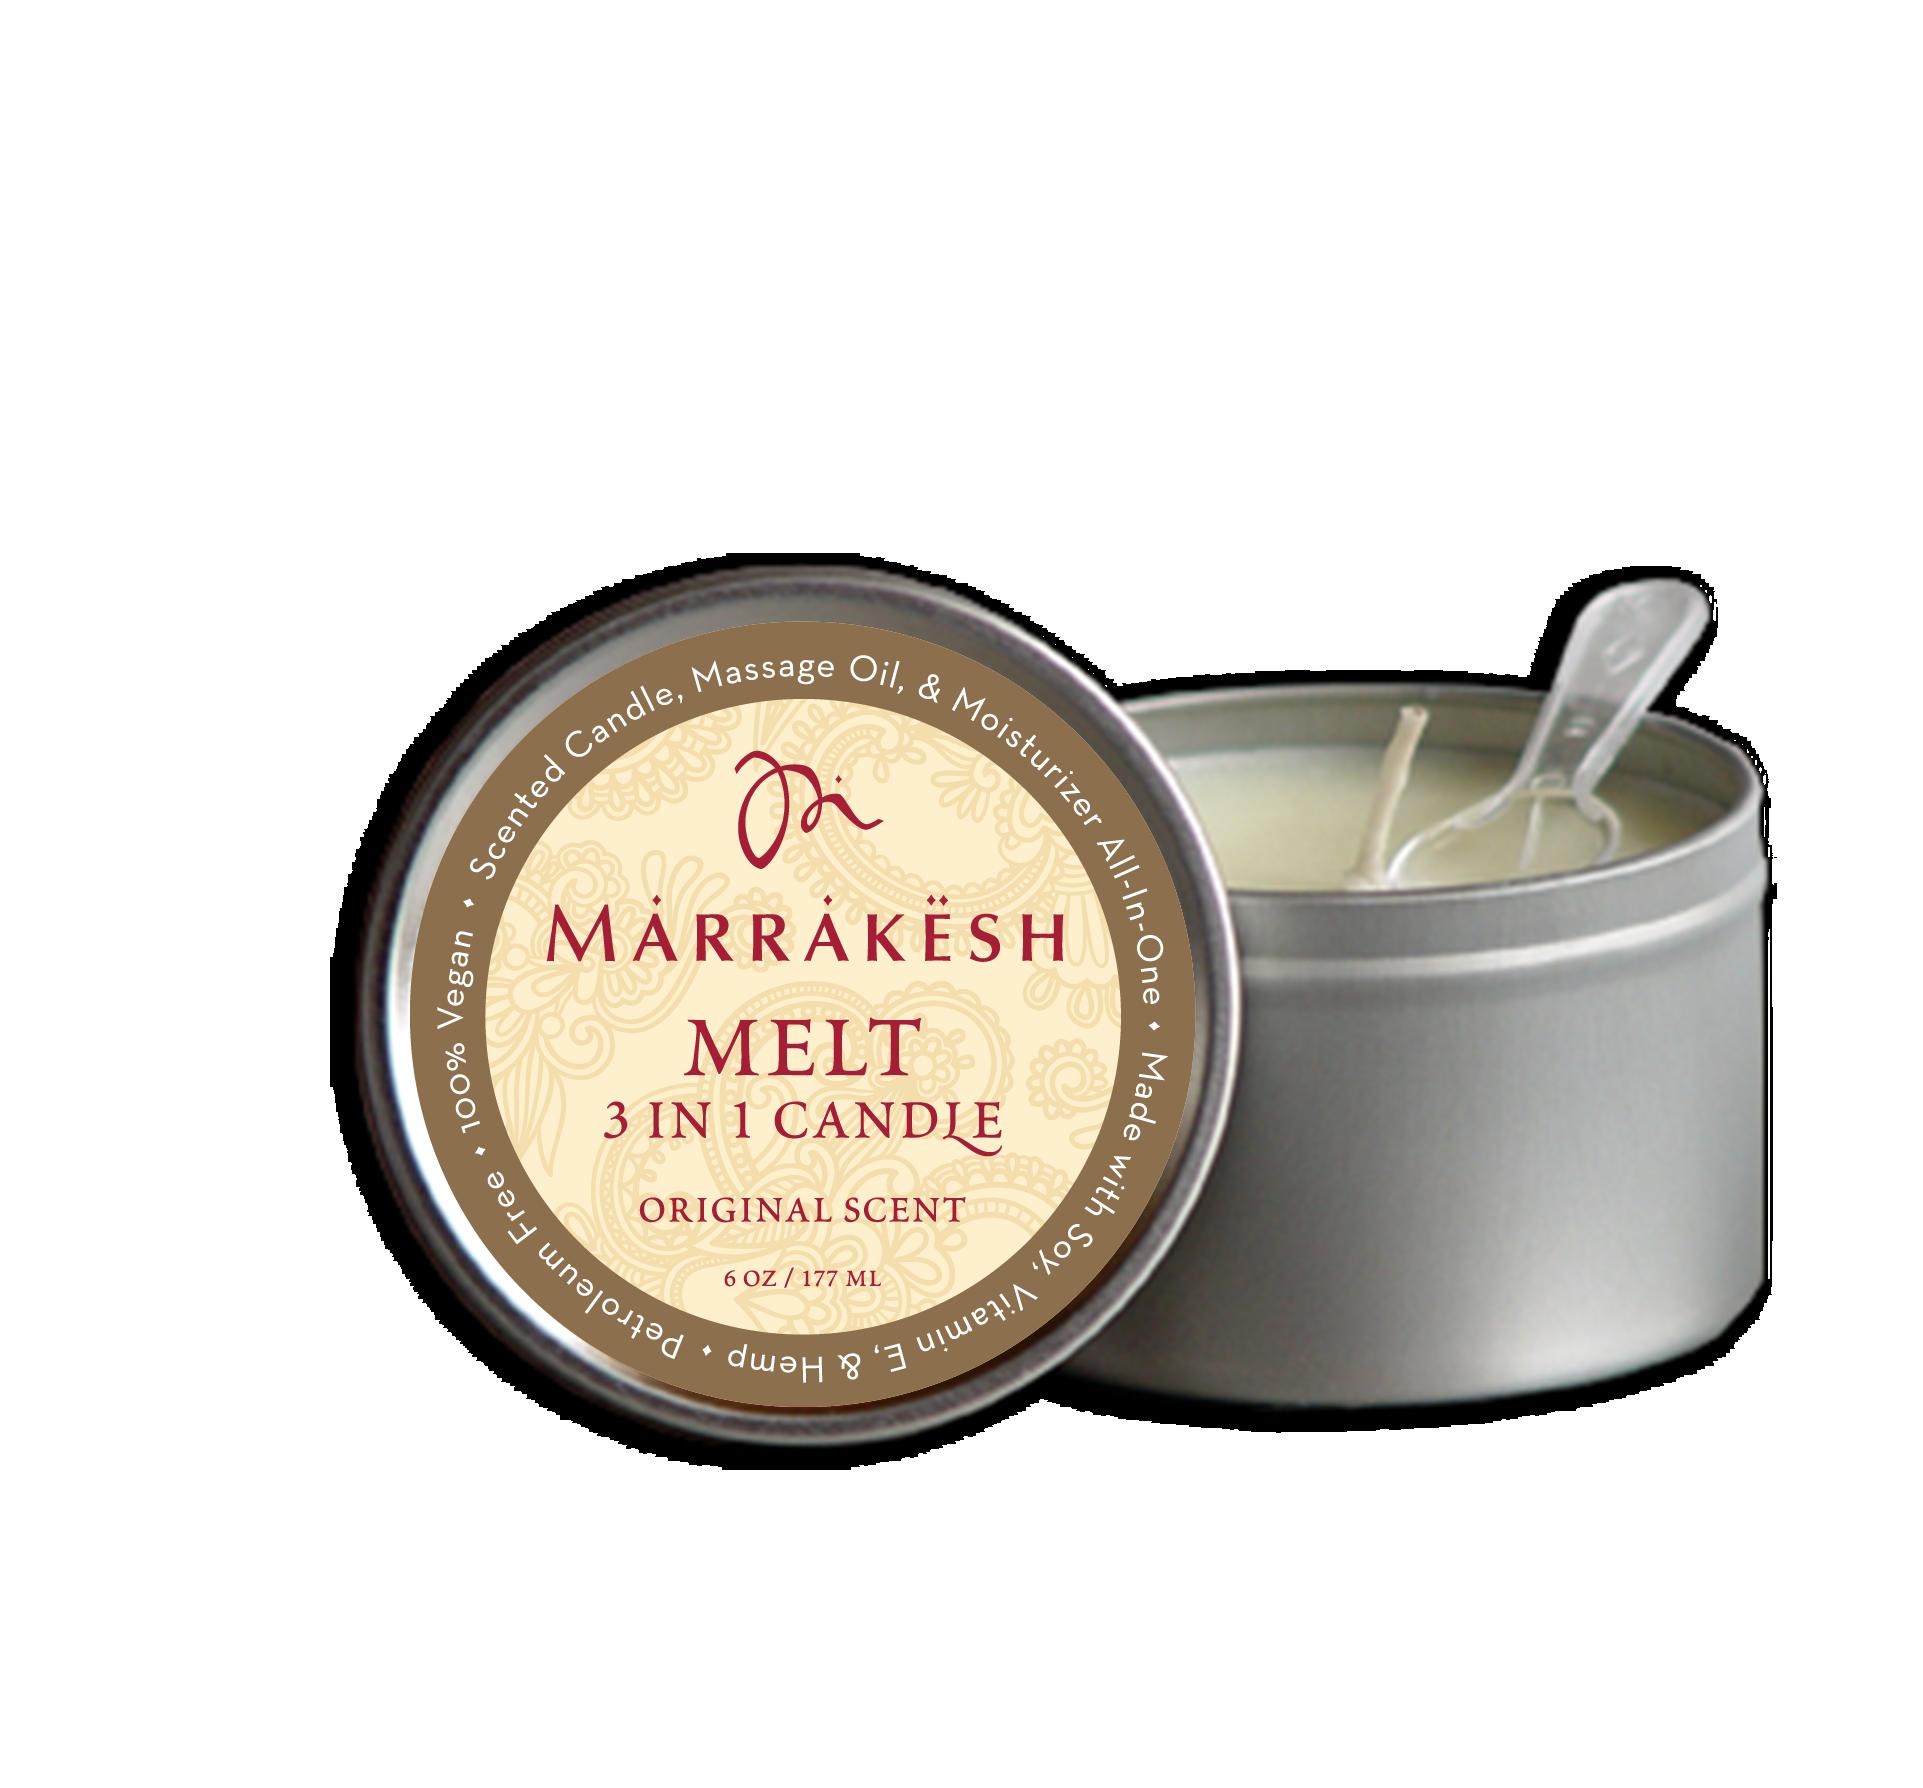 MARRAKESH Свеча 3 в 1 для тела (аромат Original) / Marrakesh 3 IN 1 Candle MELT ORIGINAL 180 млСвечи<br>Бестселлер от Marrakesh   1. Тающая свеча на основе сои и комплекса натуральных масел может использоваться, как арома свеча, массажное масло и увлажняющее средство. Наполняет помещение чувственным ароматом. Масло конопли придает коже мягкость и увлажняет, не оставляя жирного блеска. Основа   соевое масло   обеспечивает длительное использование свечи. Она плавится намного медленнее, чем парафин. Температура расплавленного масла всего на несколько градусов отличается от температуры тела, поэтому его можно сразу наносить на кожу. Способ применения: свечу расплавить до теплой (не горячей!) температуры , использовать, как увлажняющее массажное масло, можно использовать как арома-свечу, или вместо вашего ежедневного увлажняющего крема!<br><br>Объем: 180 мл<br>Вид средства для тела: Массажный